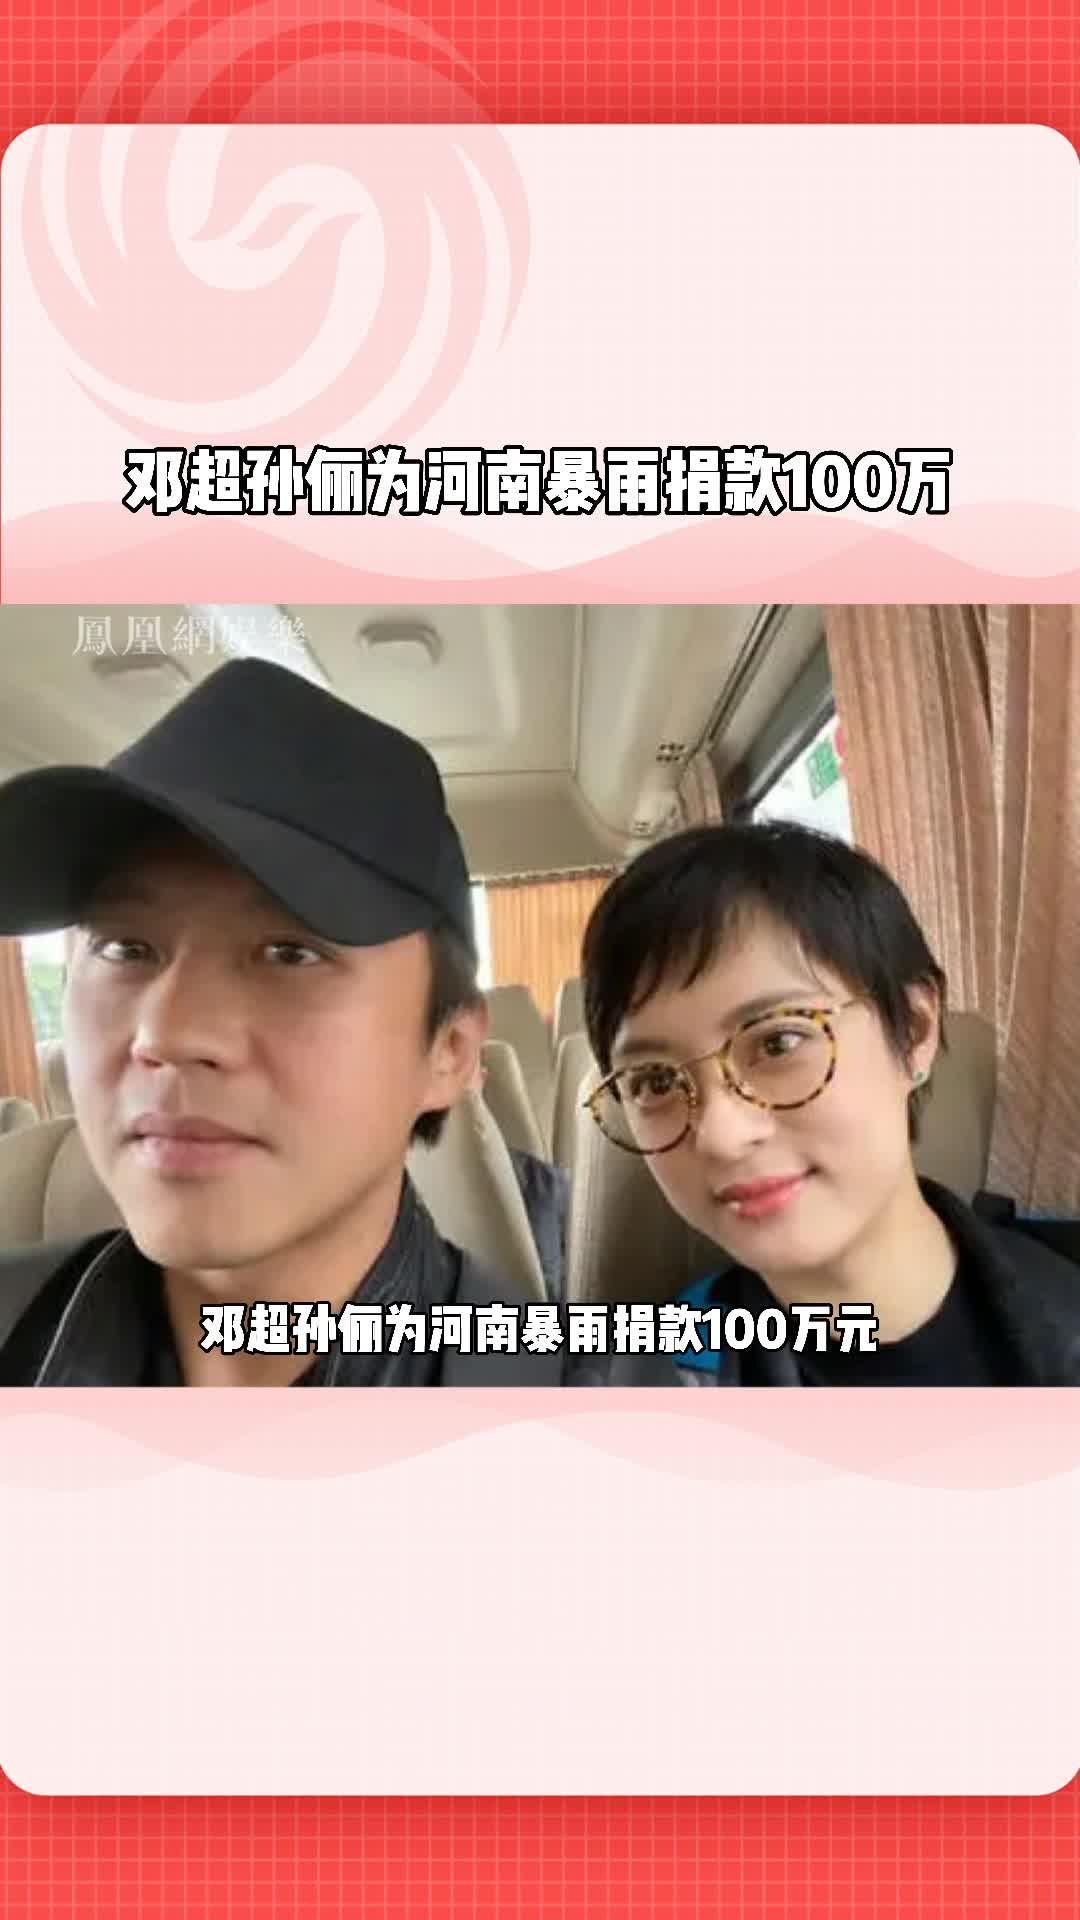 邓超孙俪为河南暴雨捐款100万:超哥和娘娘还是那么暖心!